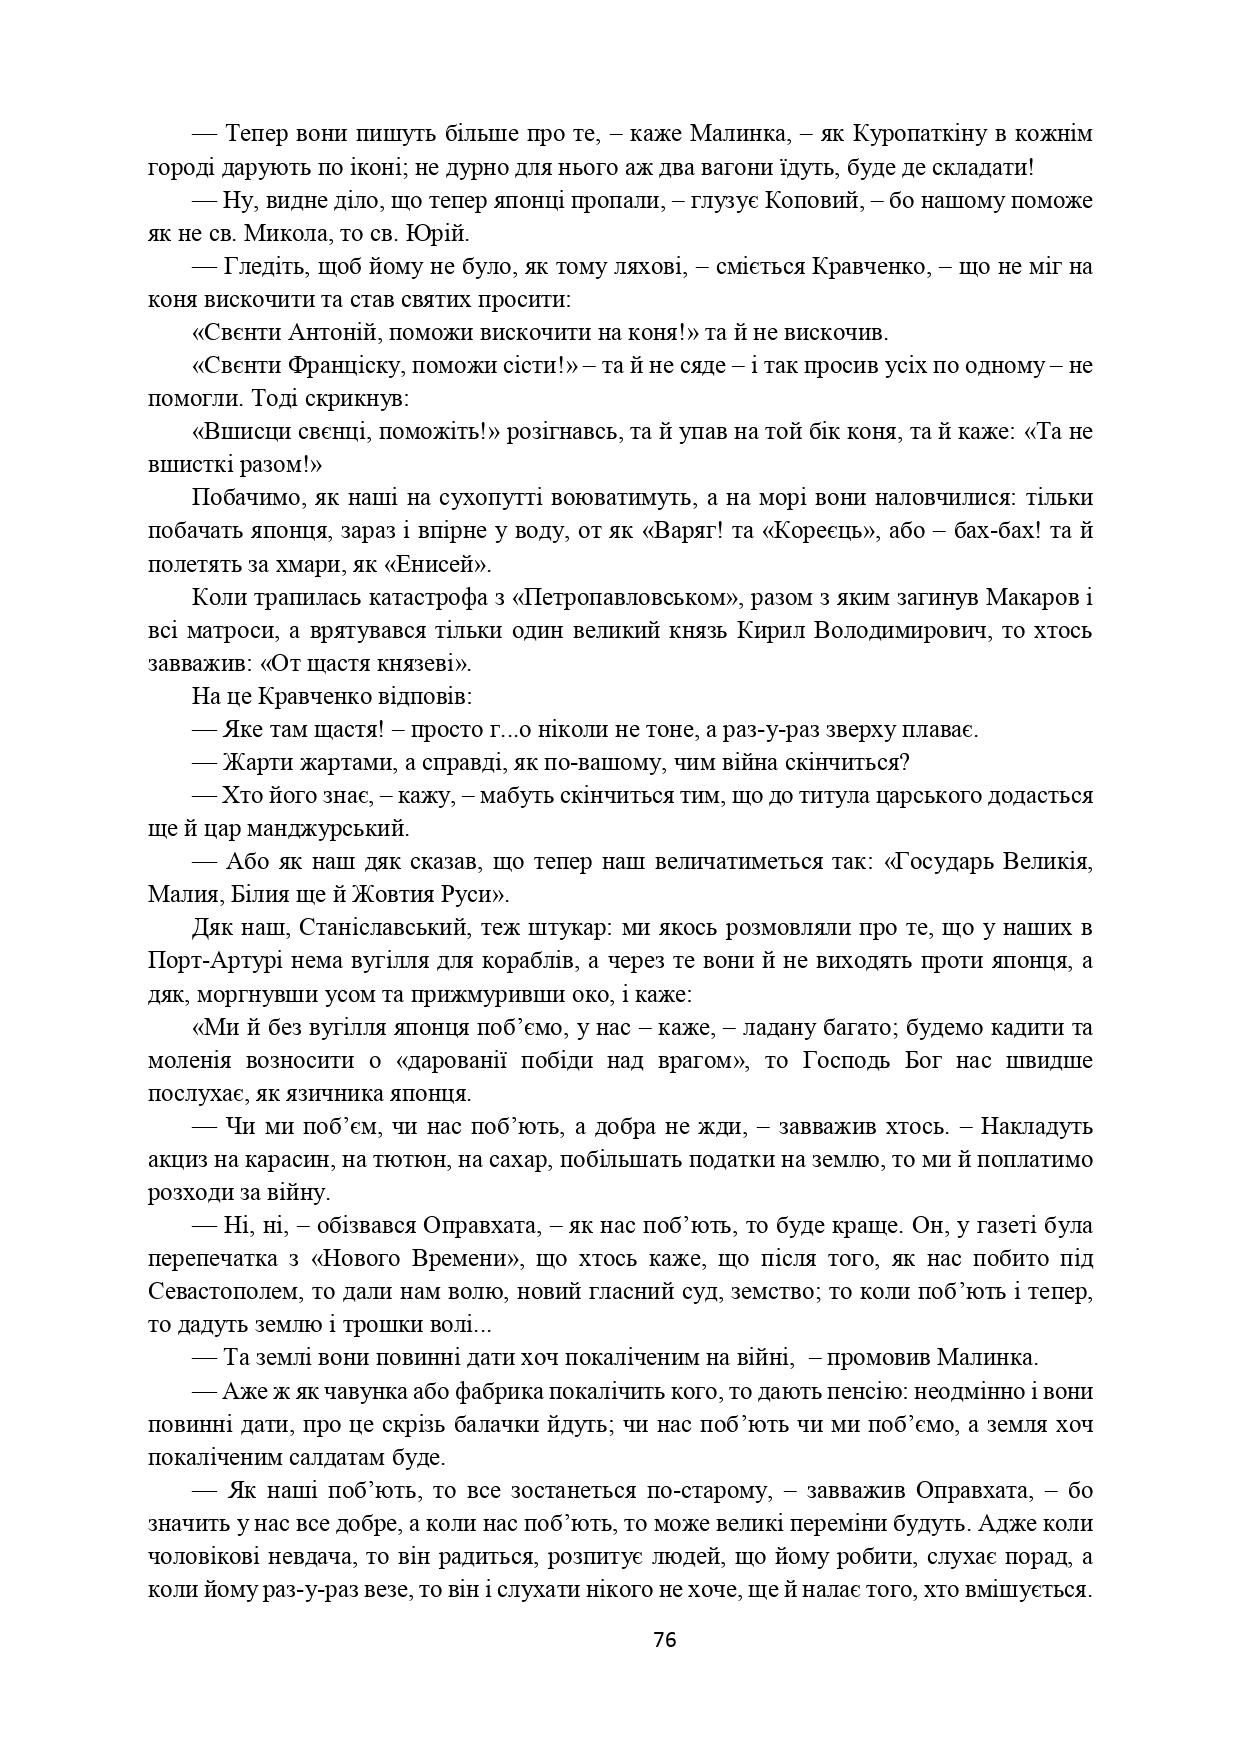 ІСТОРІЯ СЕЛА КОНОНІВКА 2021 (1)_page-0076